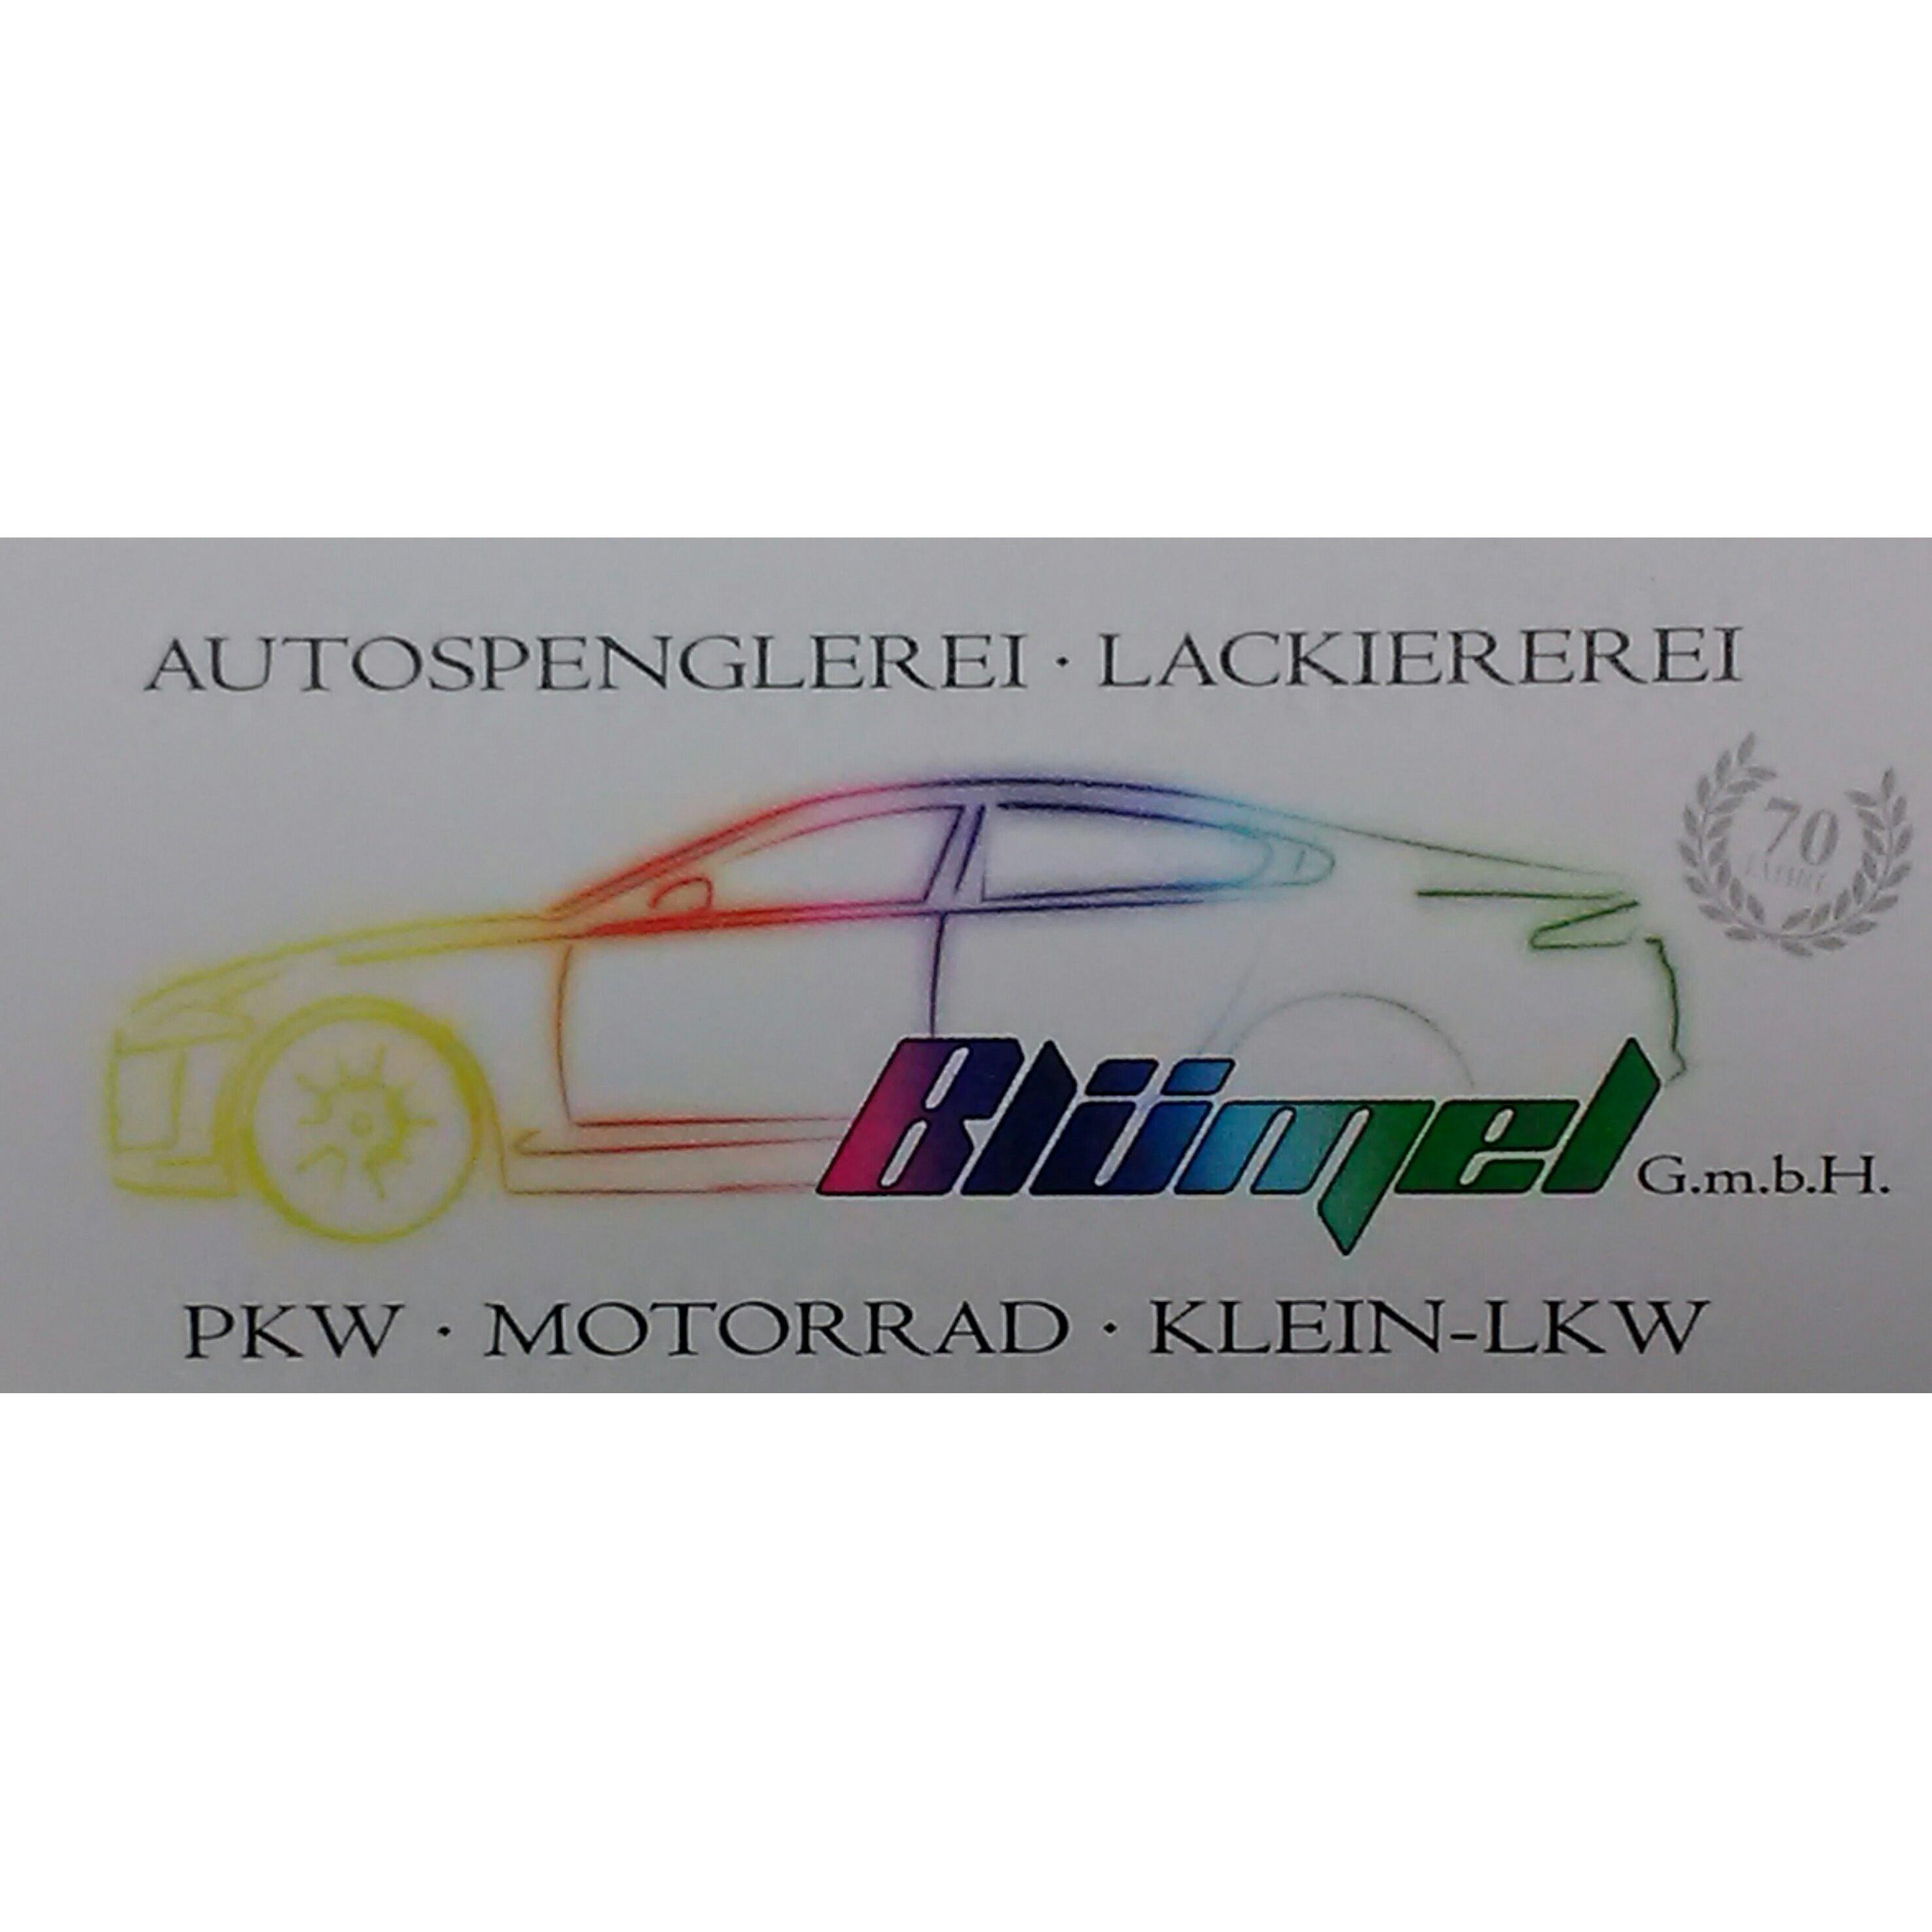 Autospenglerei Blümel GmbH